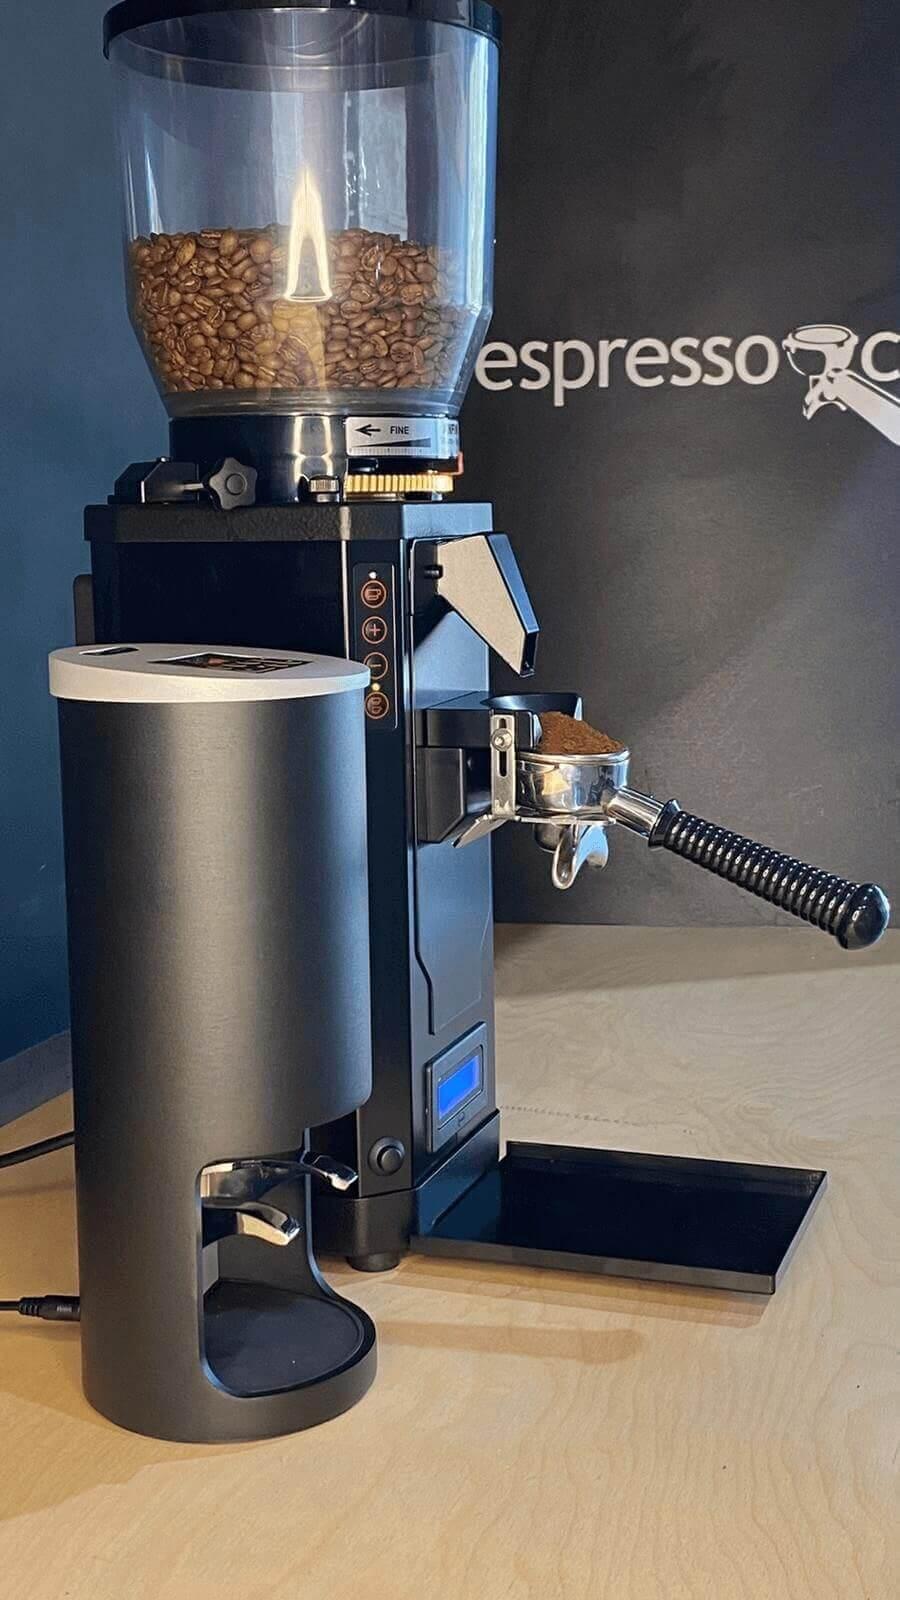 auto tamper espresso